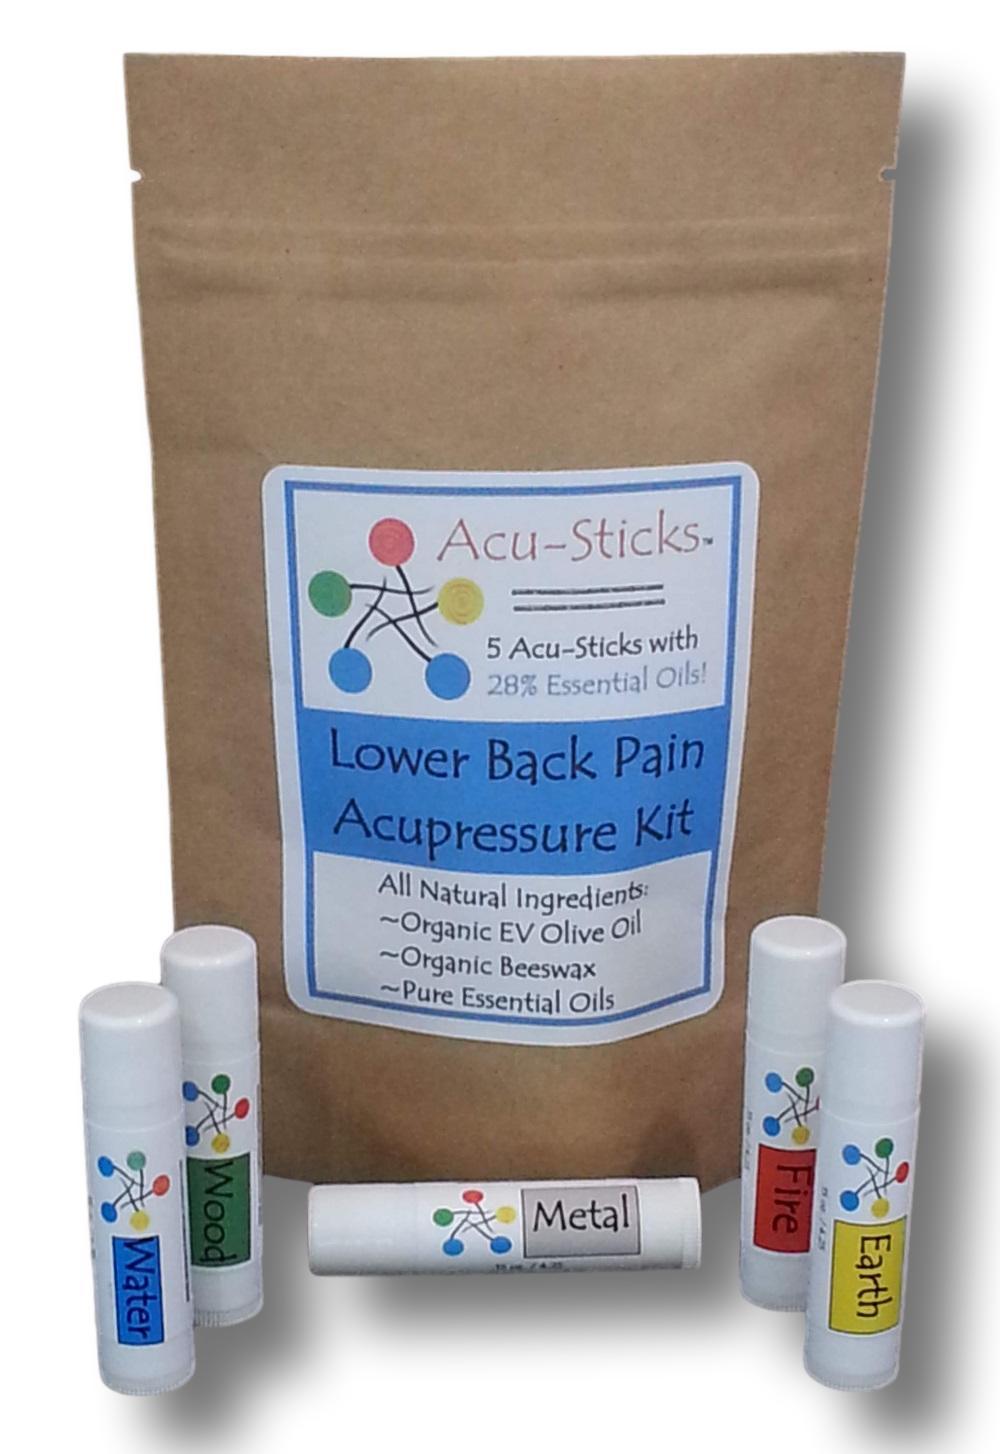 lower-back-pain-acupressure kit